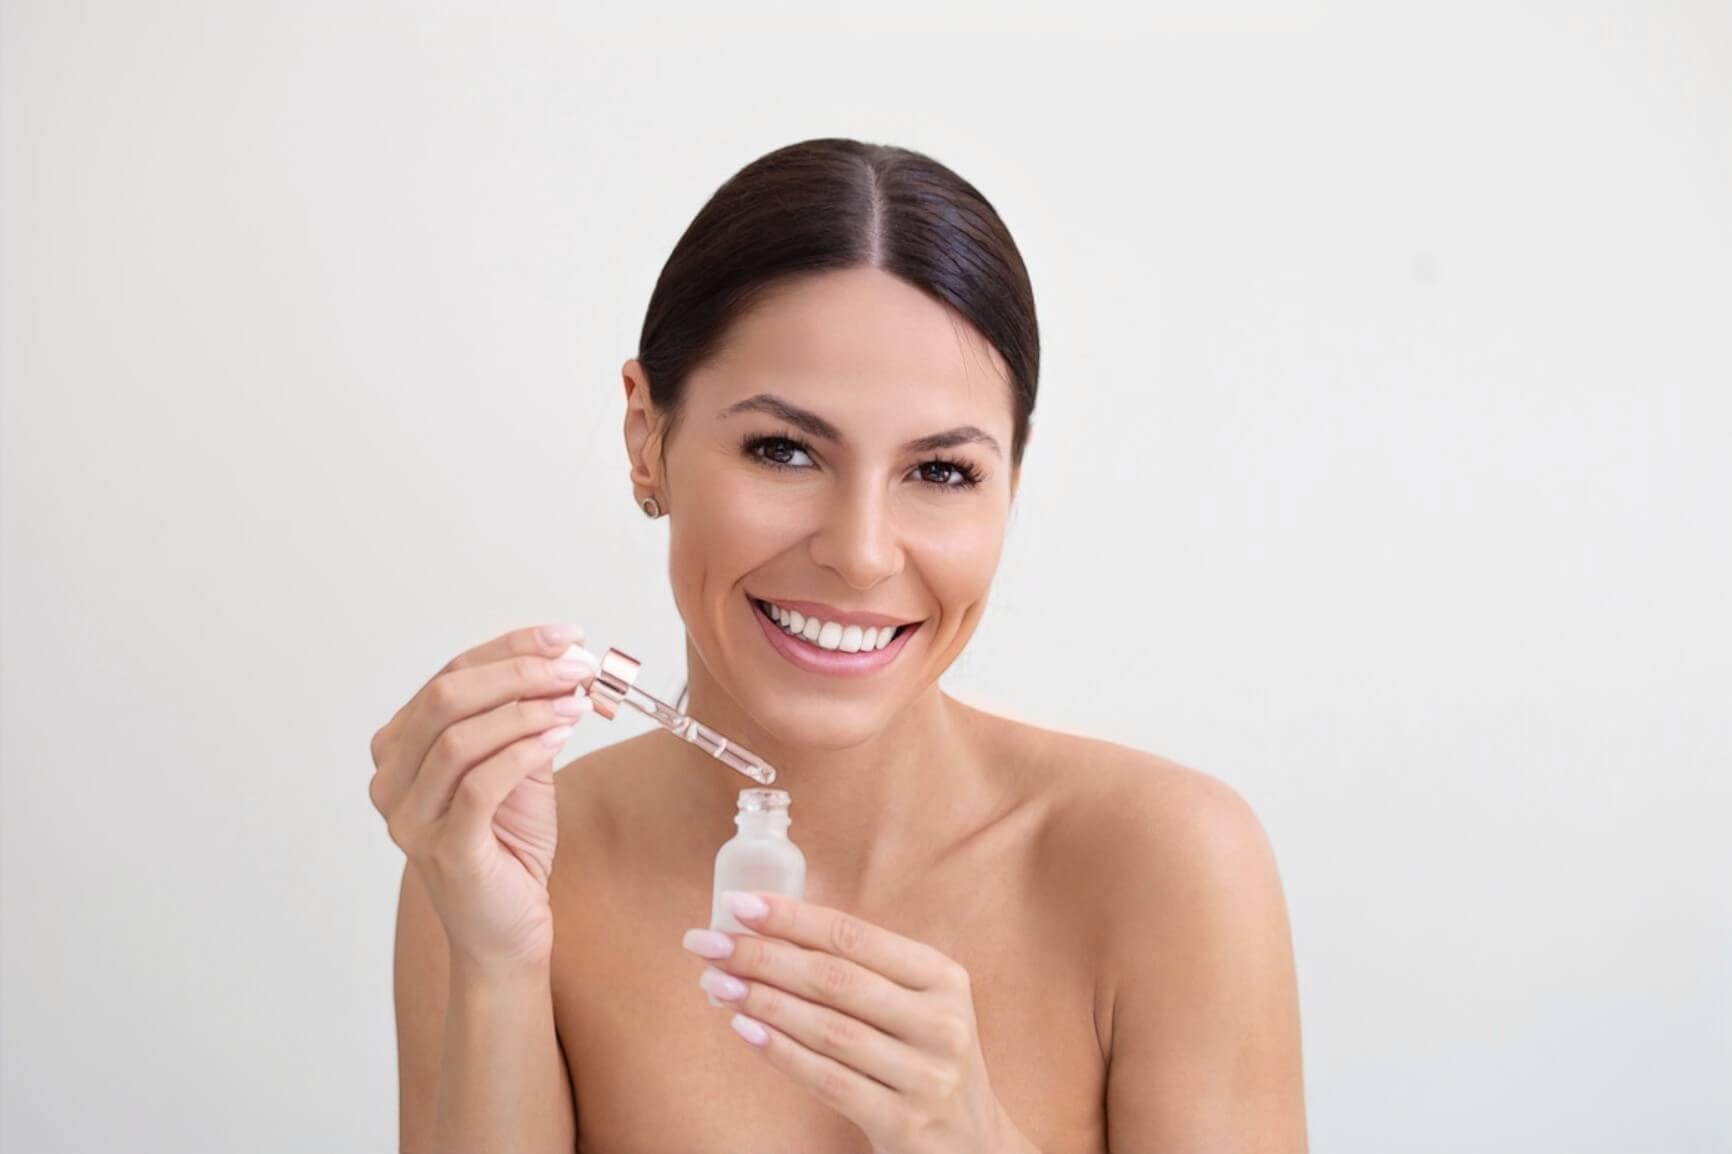 Веселая девушка радуется, как ей помогла косметика